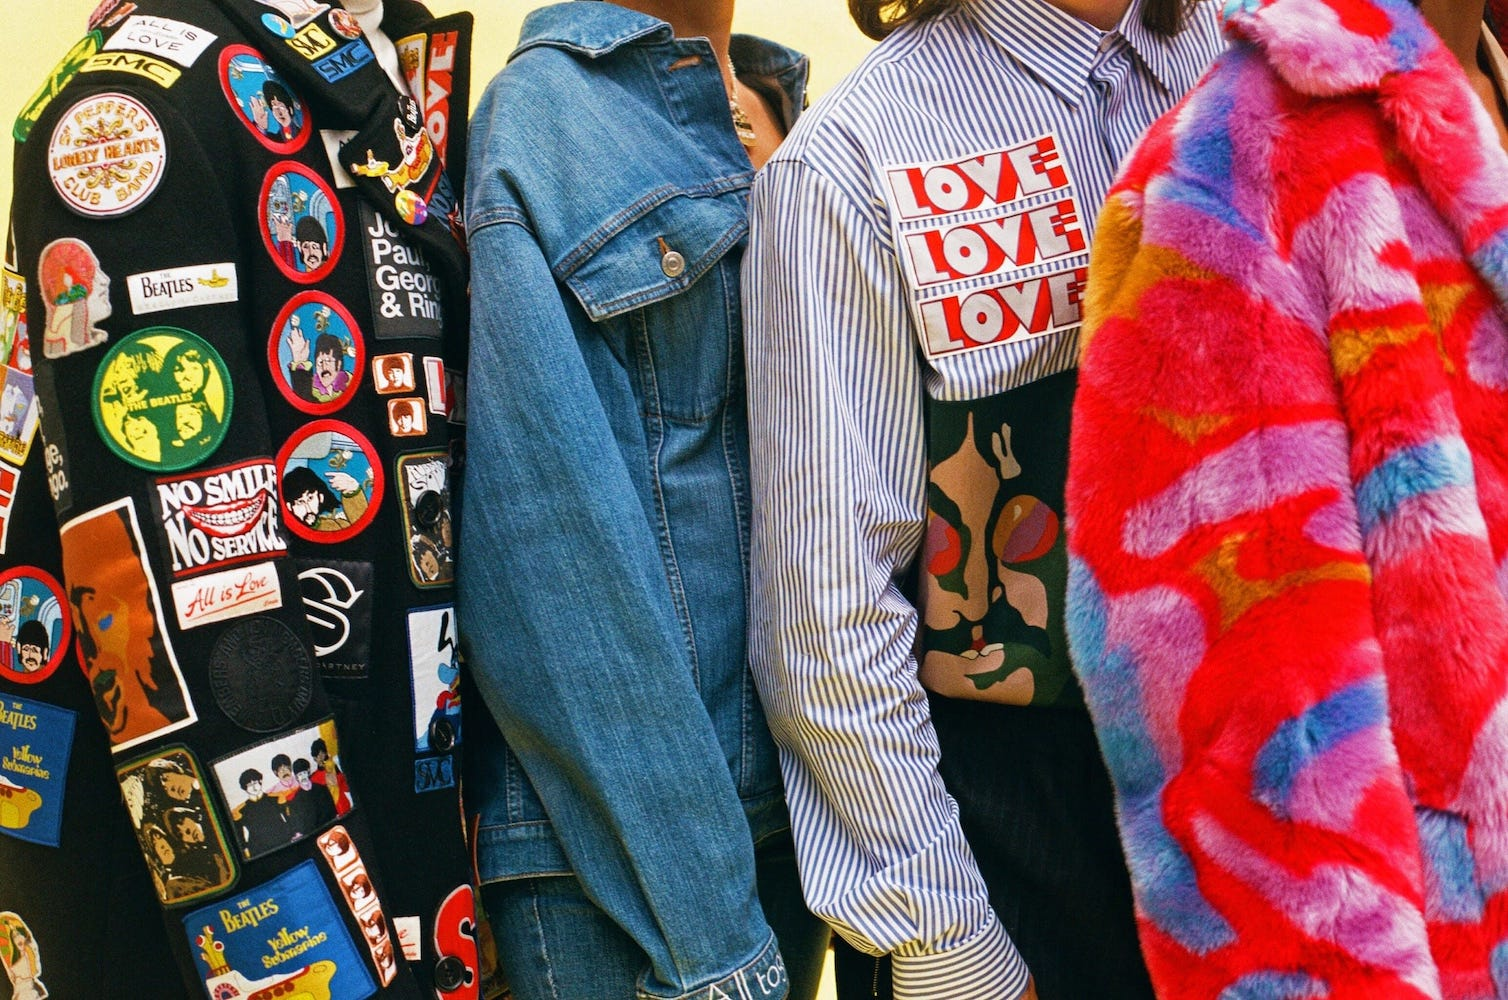 Стелла Маккартни выпустила коллекцию одежды, посвященную творчеству The Beatles